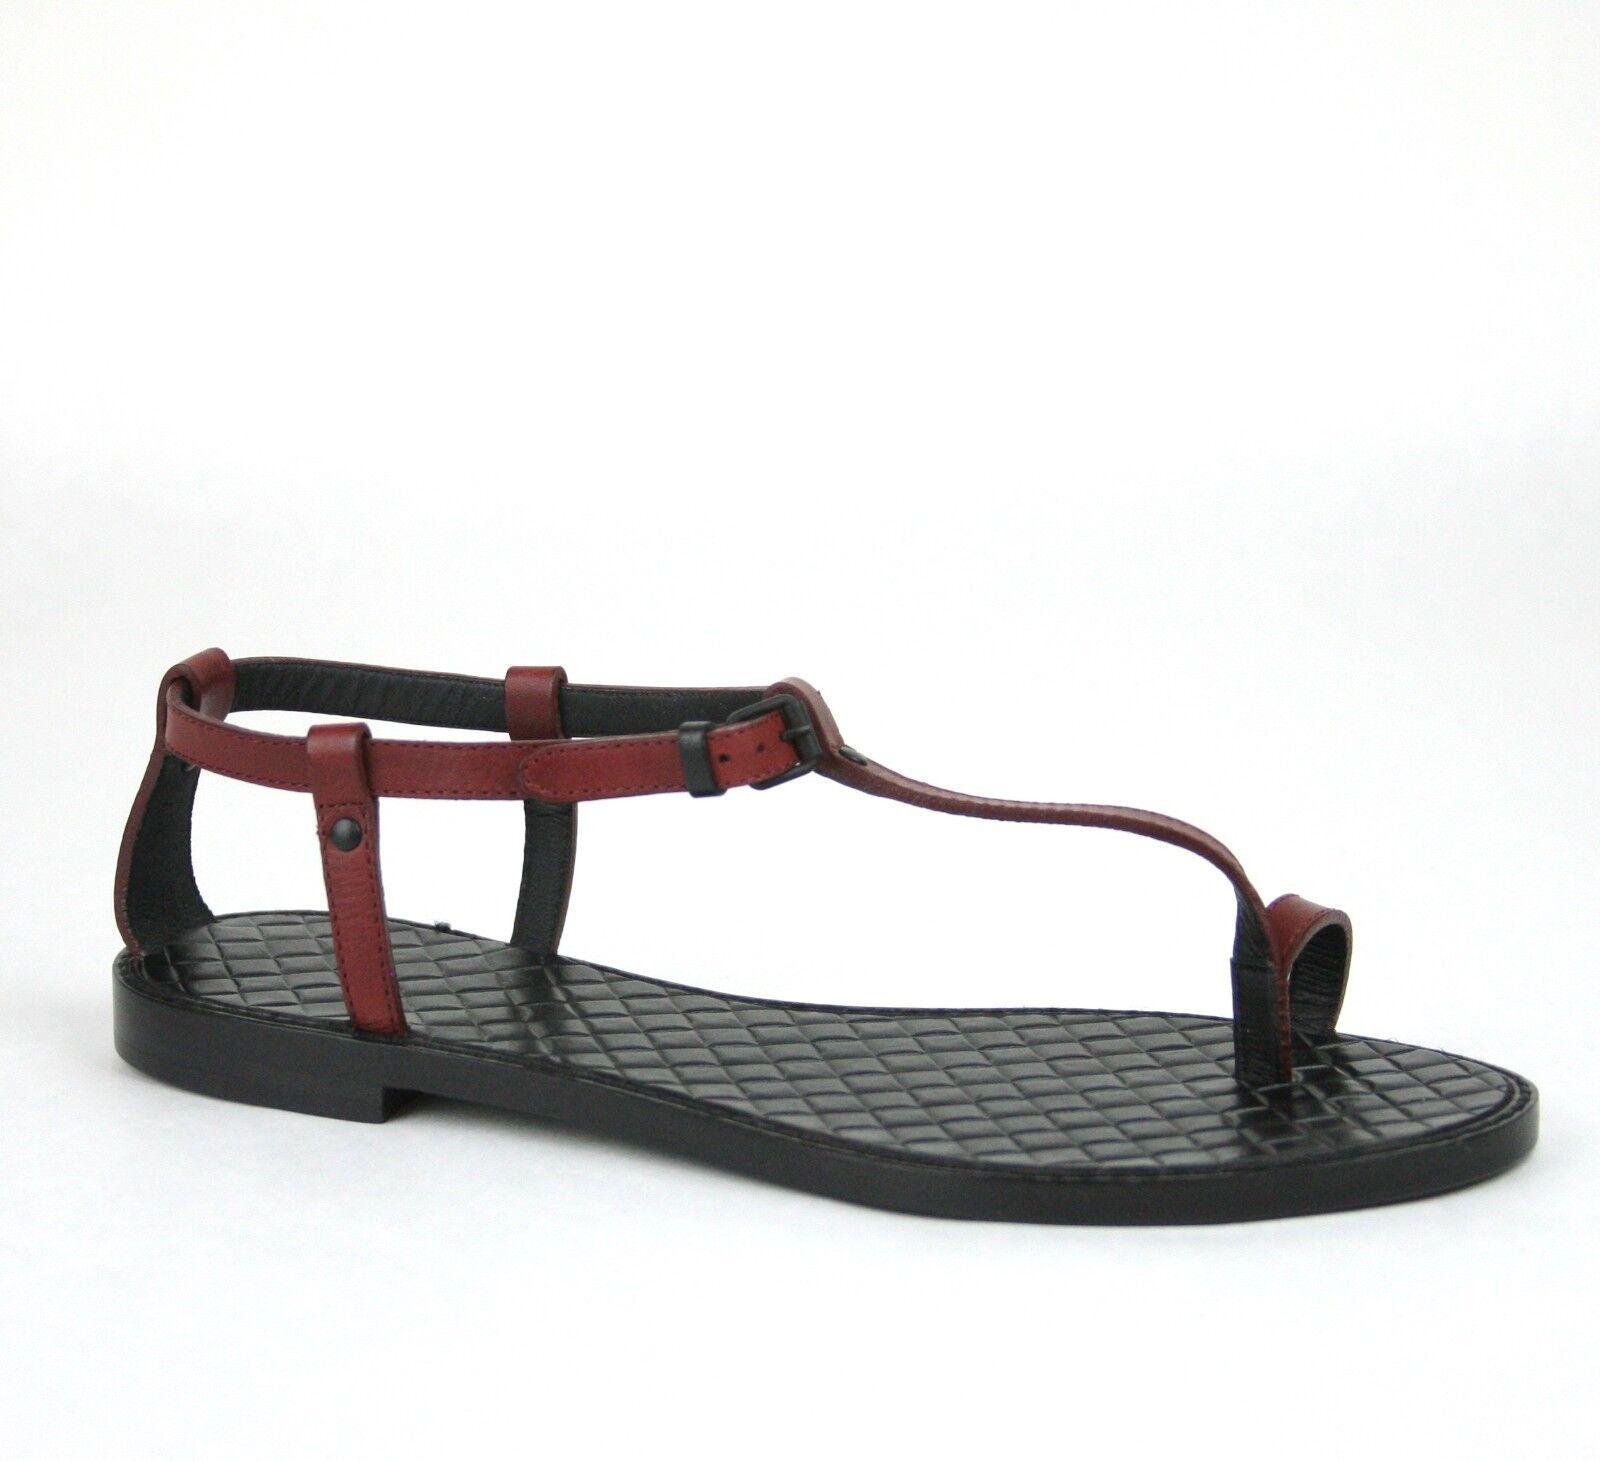 New Bottega Veneta Leather Thong Sandal Woven Detail bluee Red 254555 6130